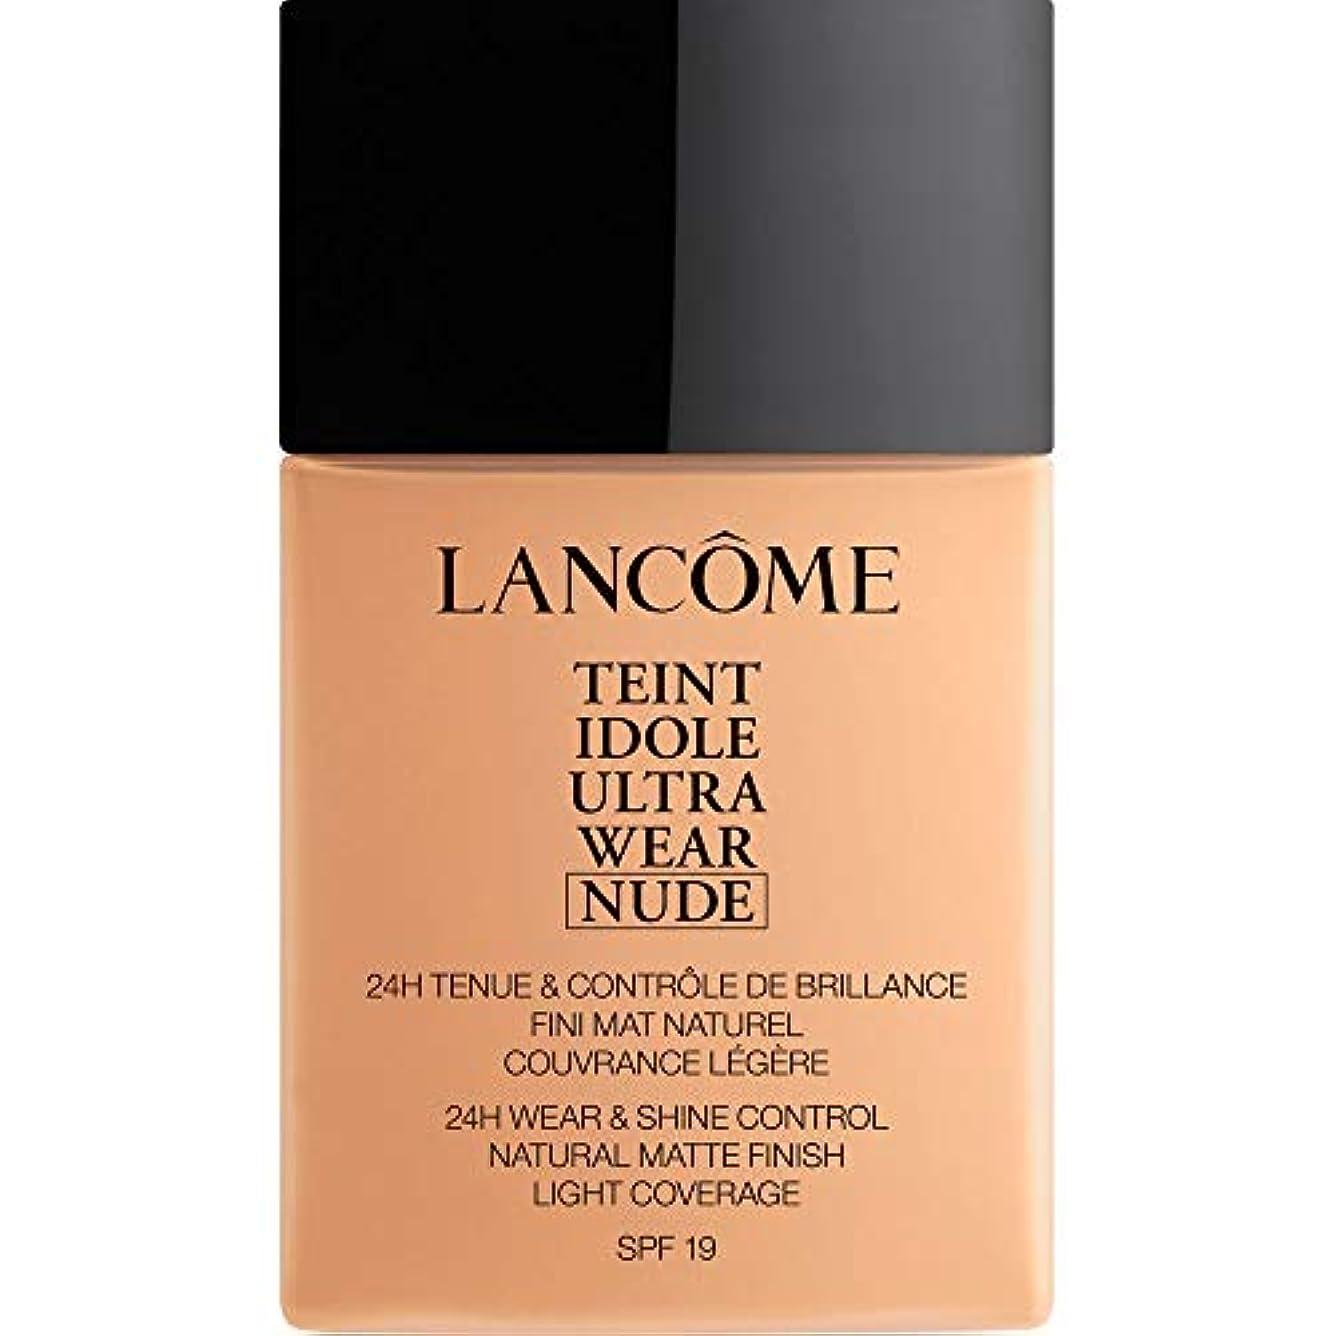 ゲートパーク重くする[Lanc?me ] ランコムTeintのIdole超摩耗ヌード財団Spf19の40ミリリットル032 - ベージュCendre - Lancome Teint Idole Ultra Wear Nude Foundation...